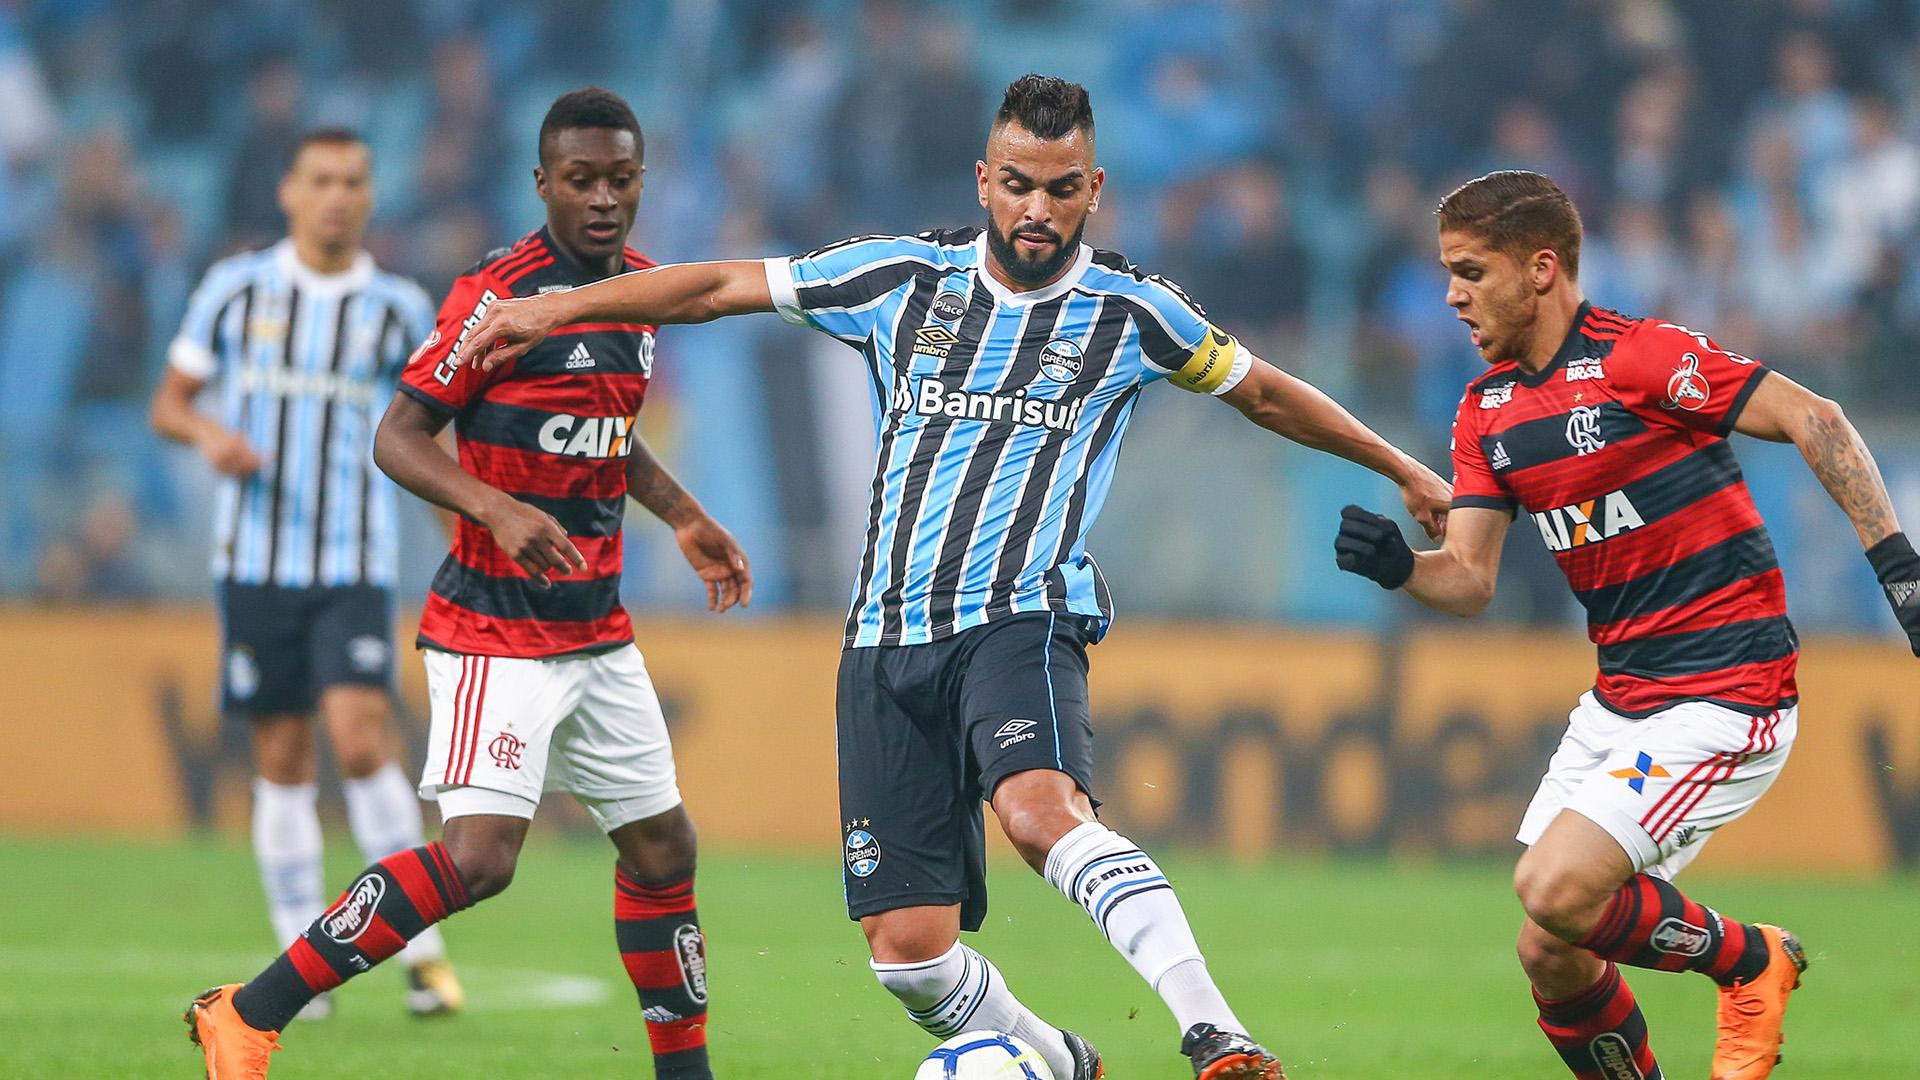 Maicon Cuellar Gremio Flamengo Copa do Brasil 01082018